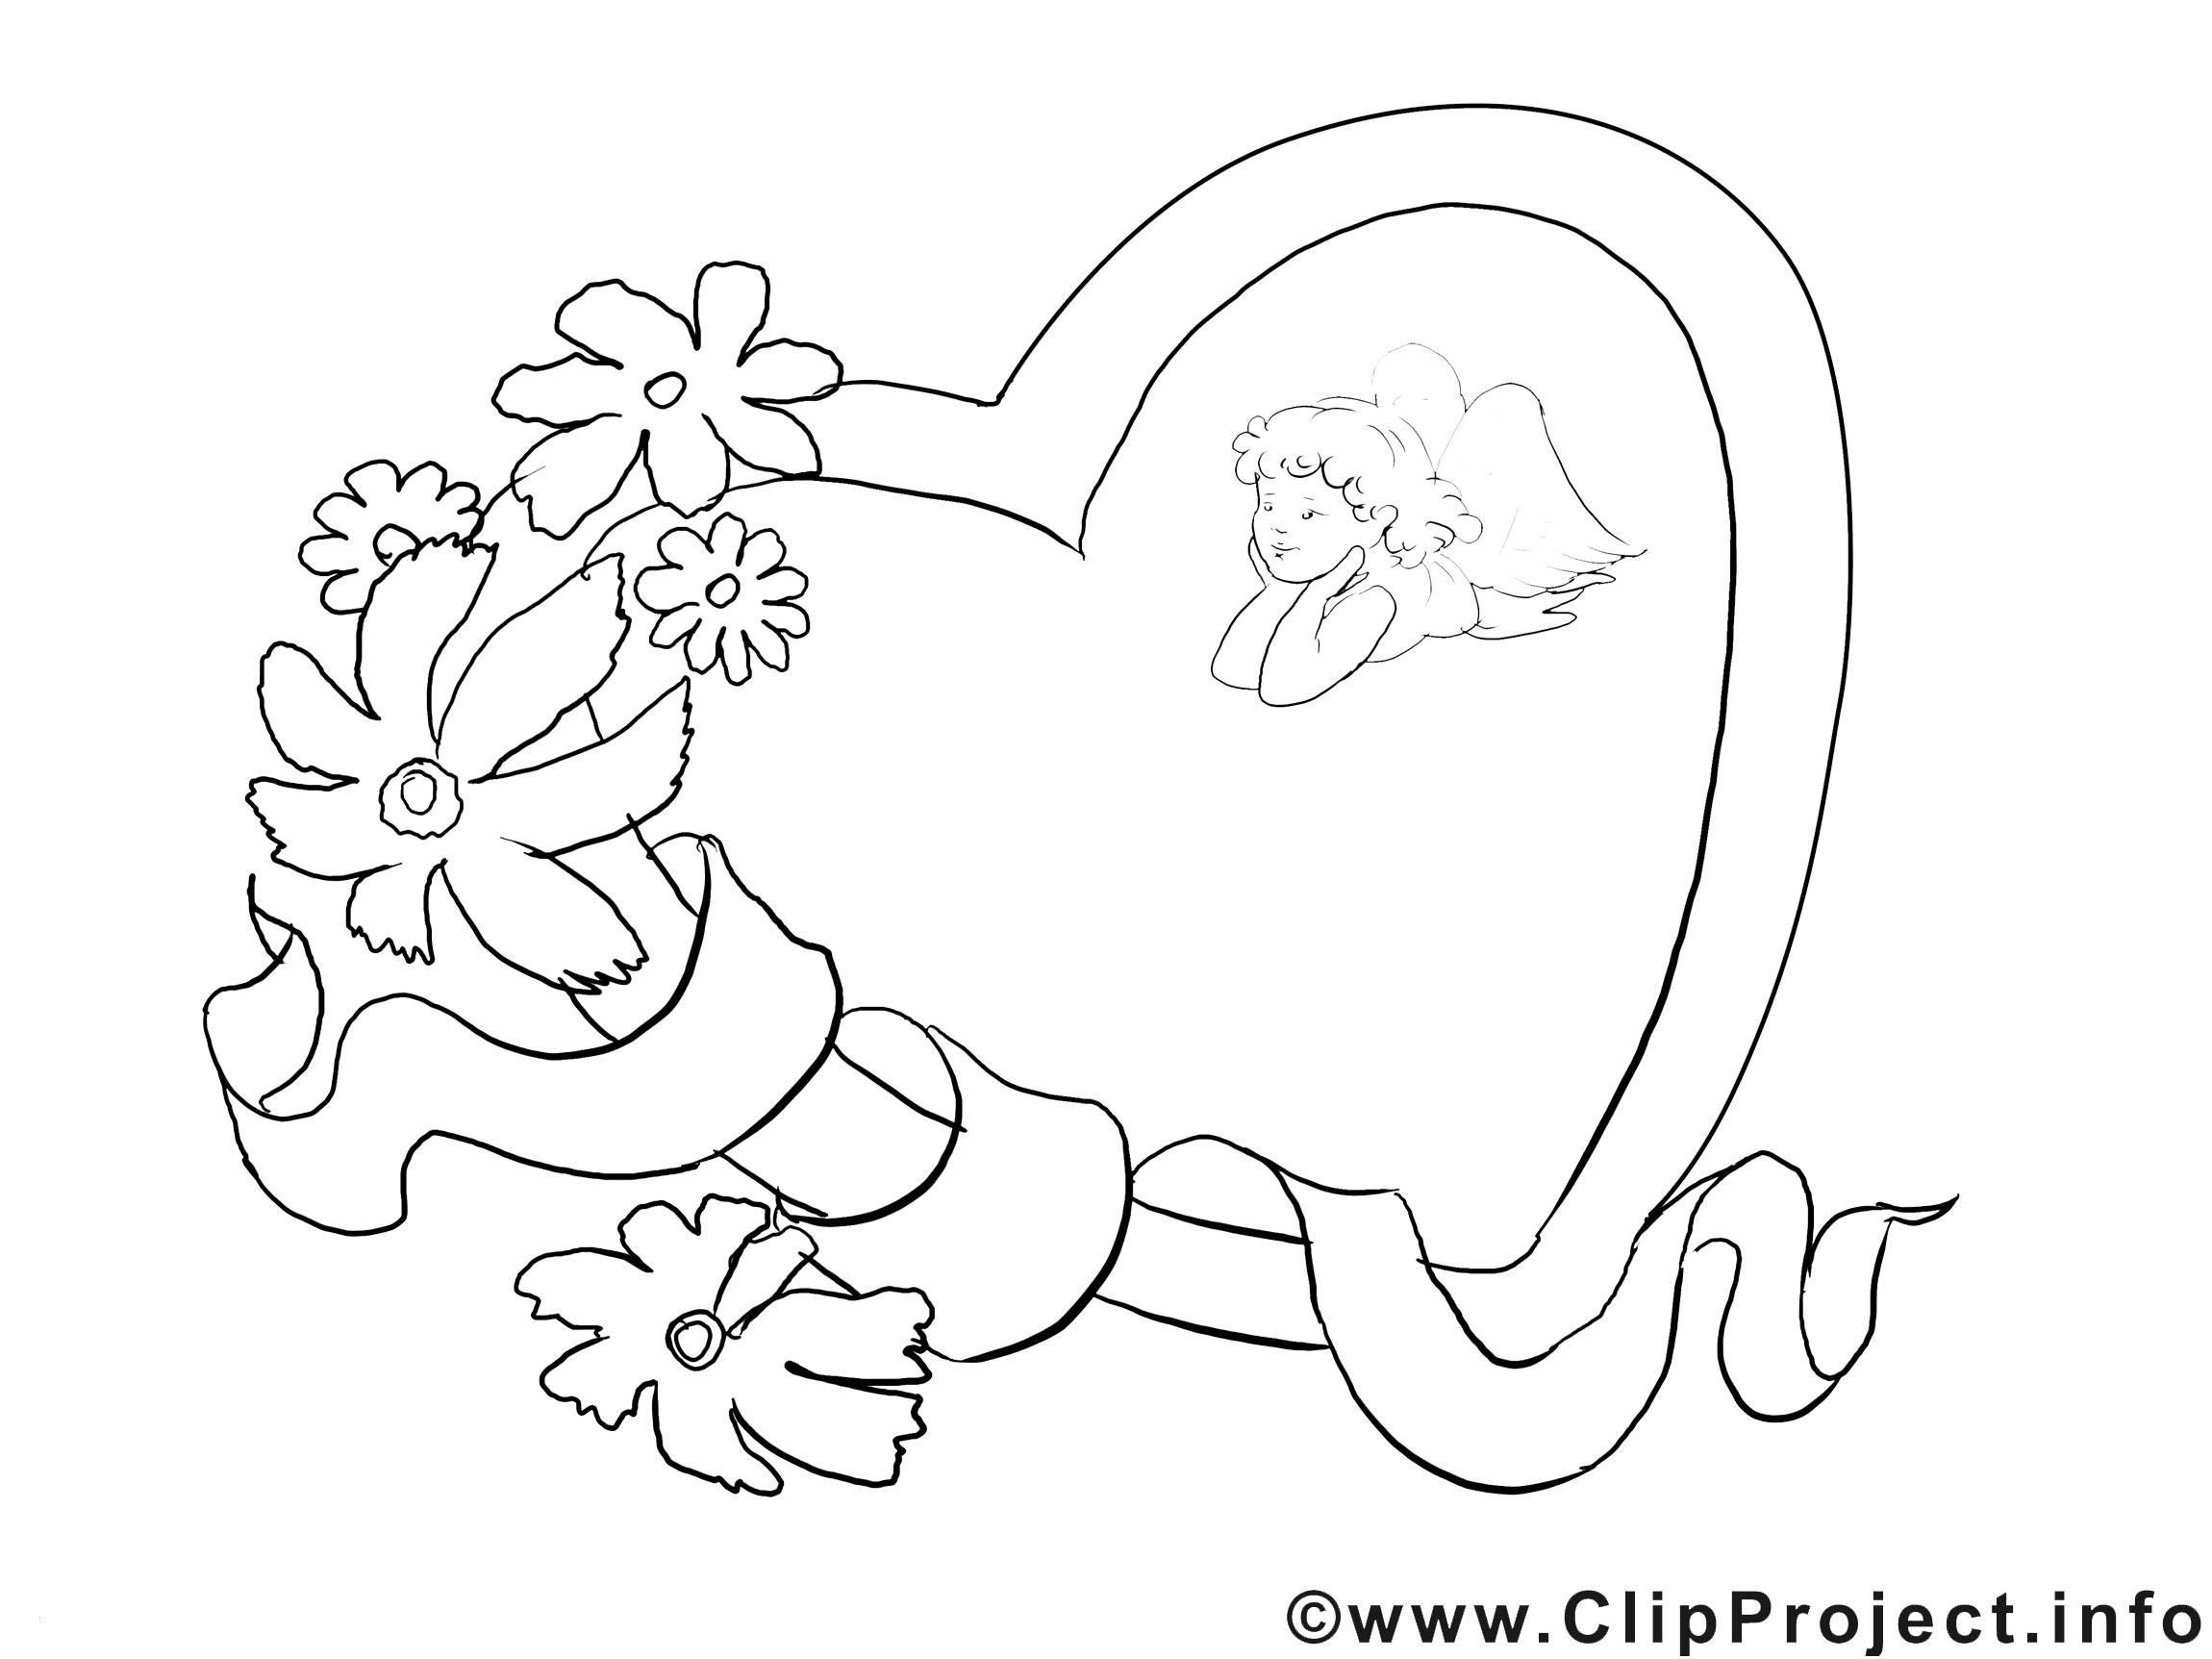 Ausmalbilder Rosen Mit Herz Neu Mandalas Zum Ausdrucken Herzen 28 Herz Und Rose Malvorlagen Bild